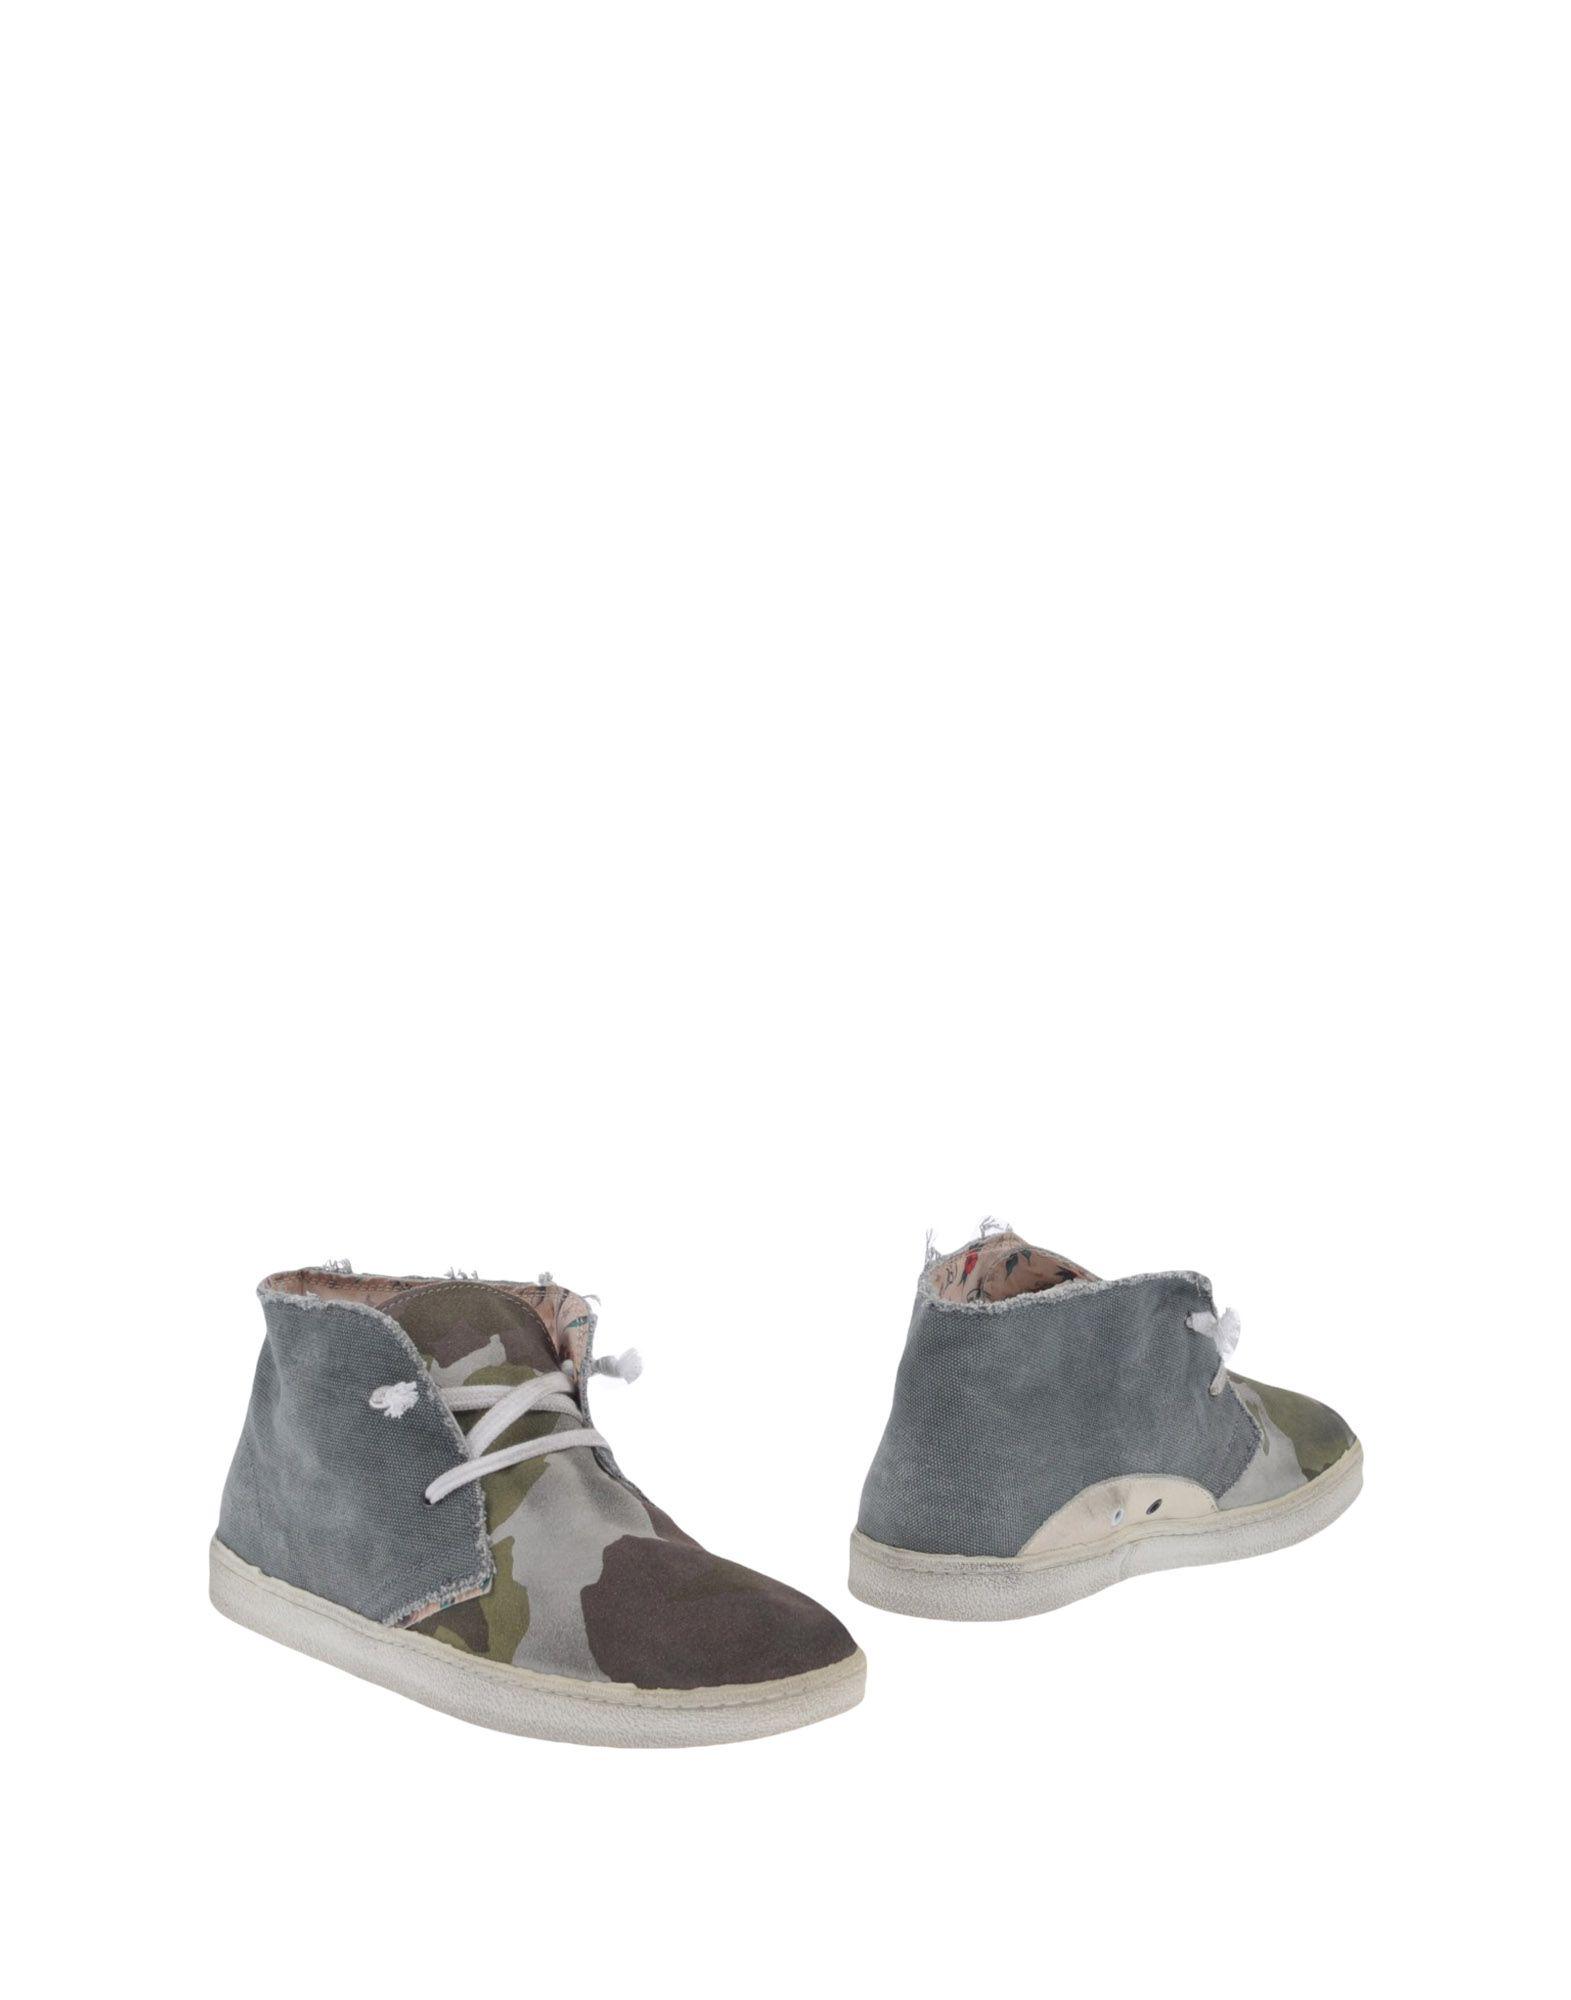 Rabatt echte Schuhe Le  Crown Stiefelette Herren  Le 11452139KG 0f459f